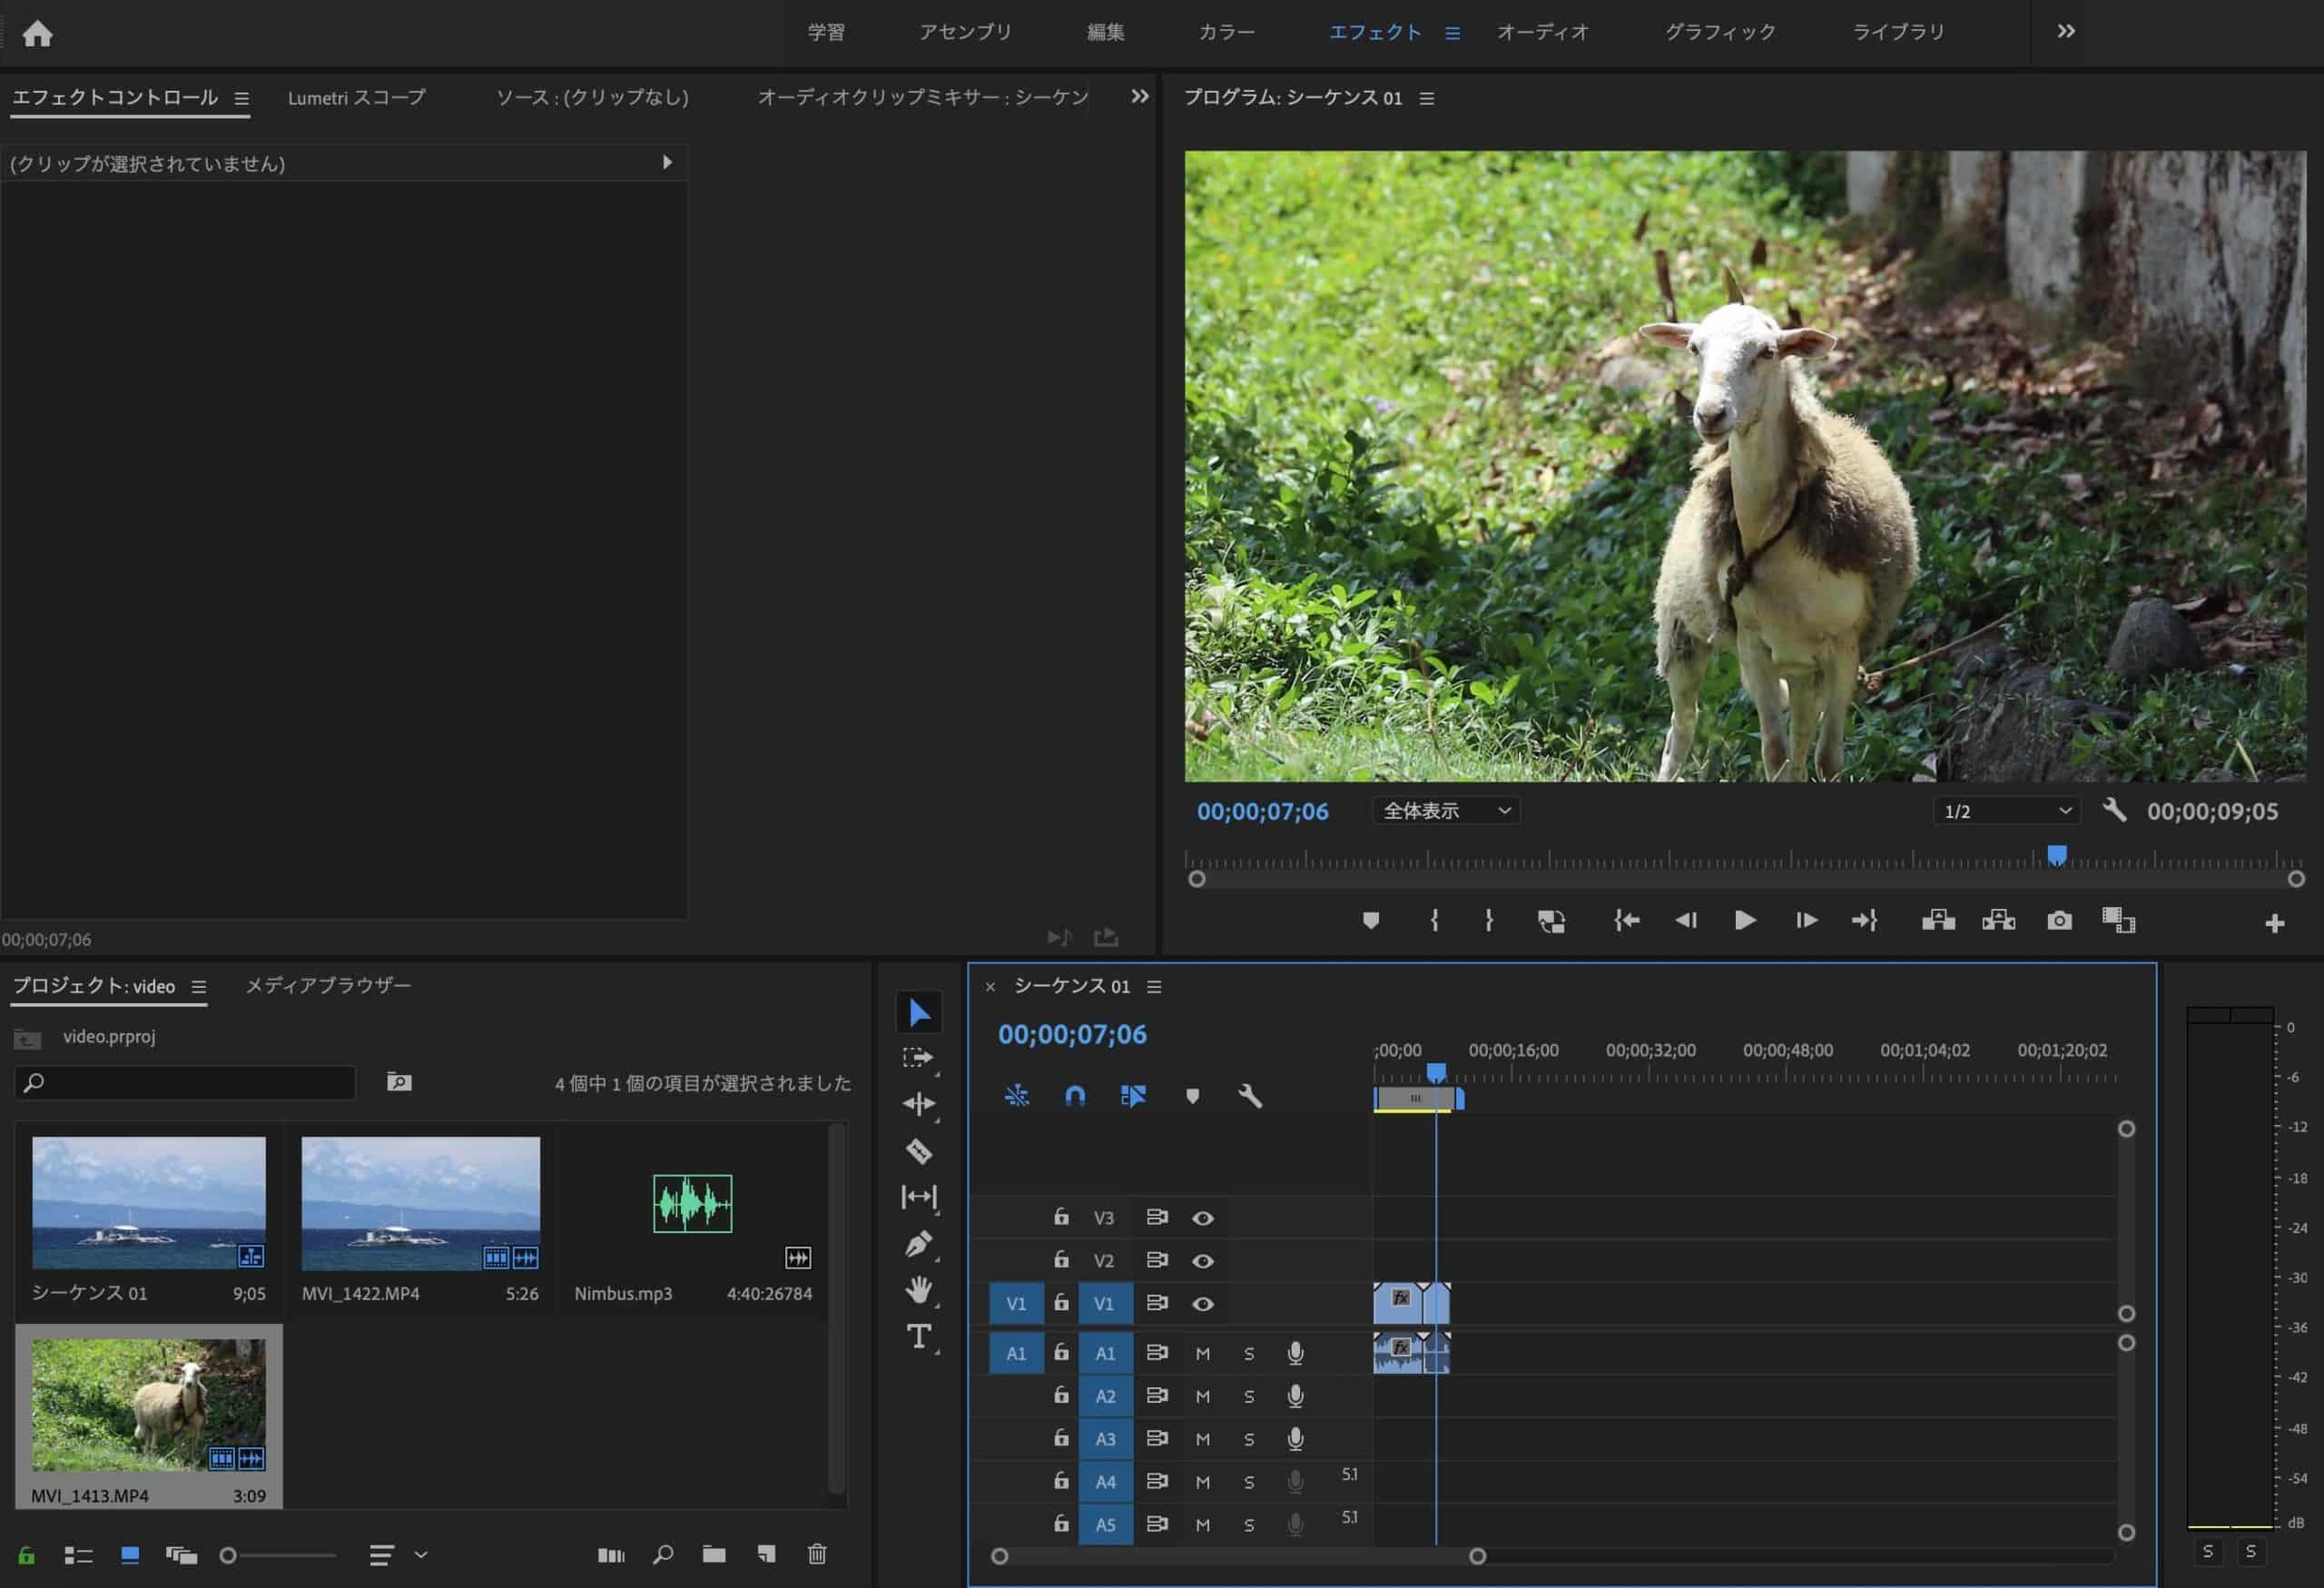 2.次に入れたい動画を最初に入れた動画の後ろに同様にドラッグして配置し、これを動画要素の数の分繰り返す